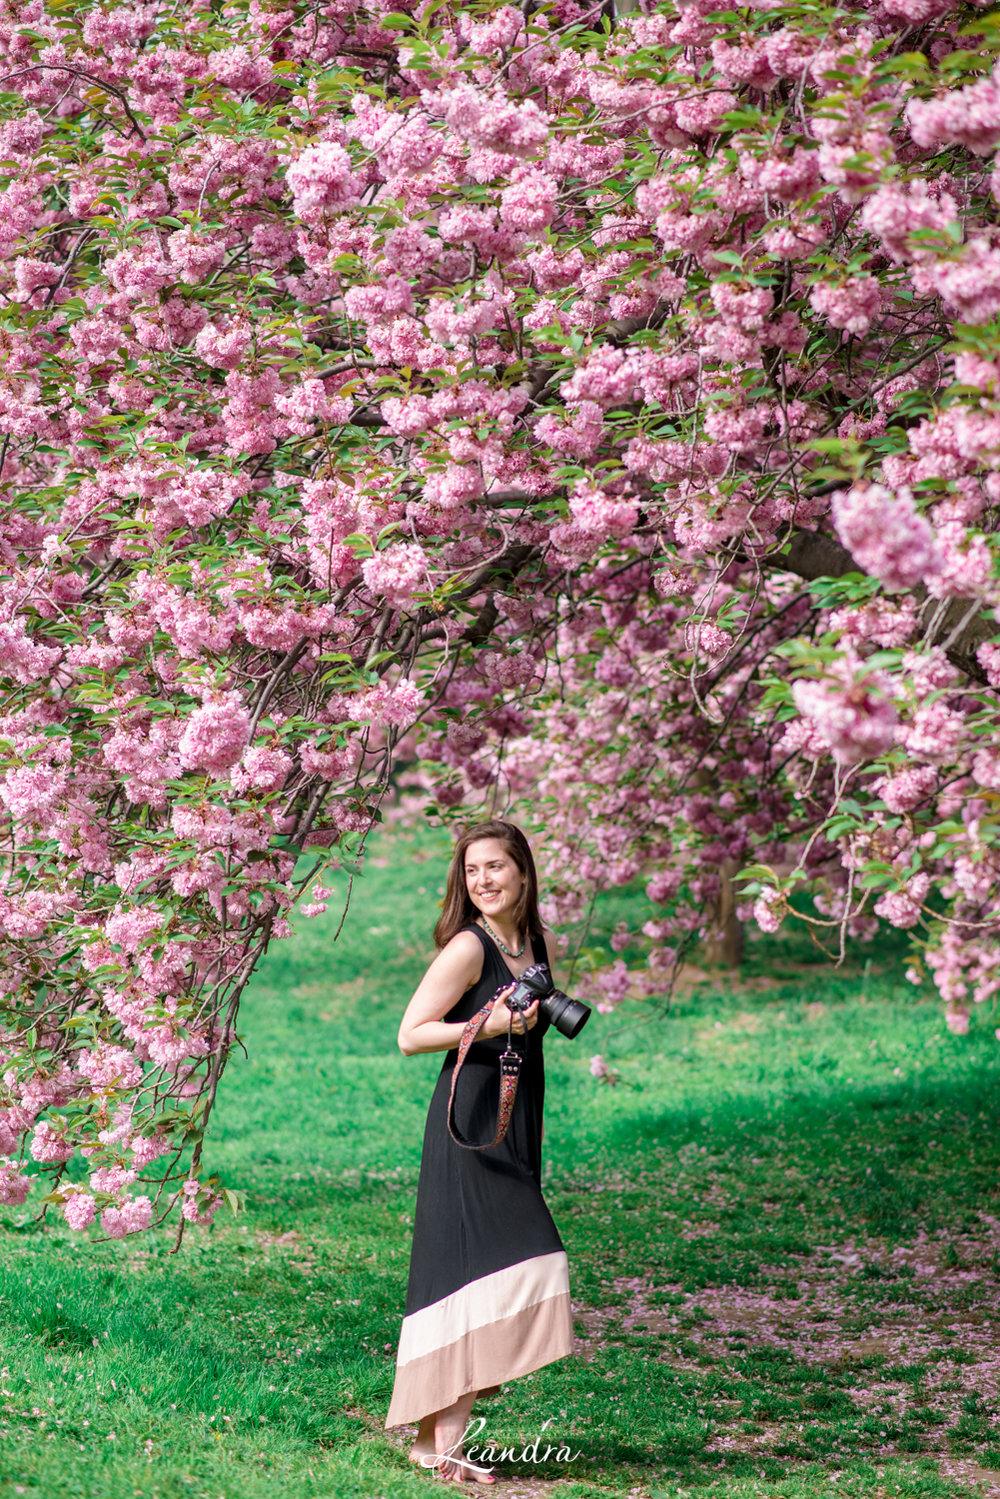 CentralParkCherryBlossoms-09.jpg